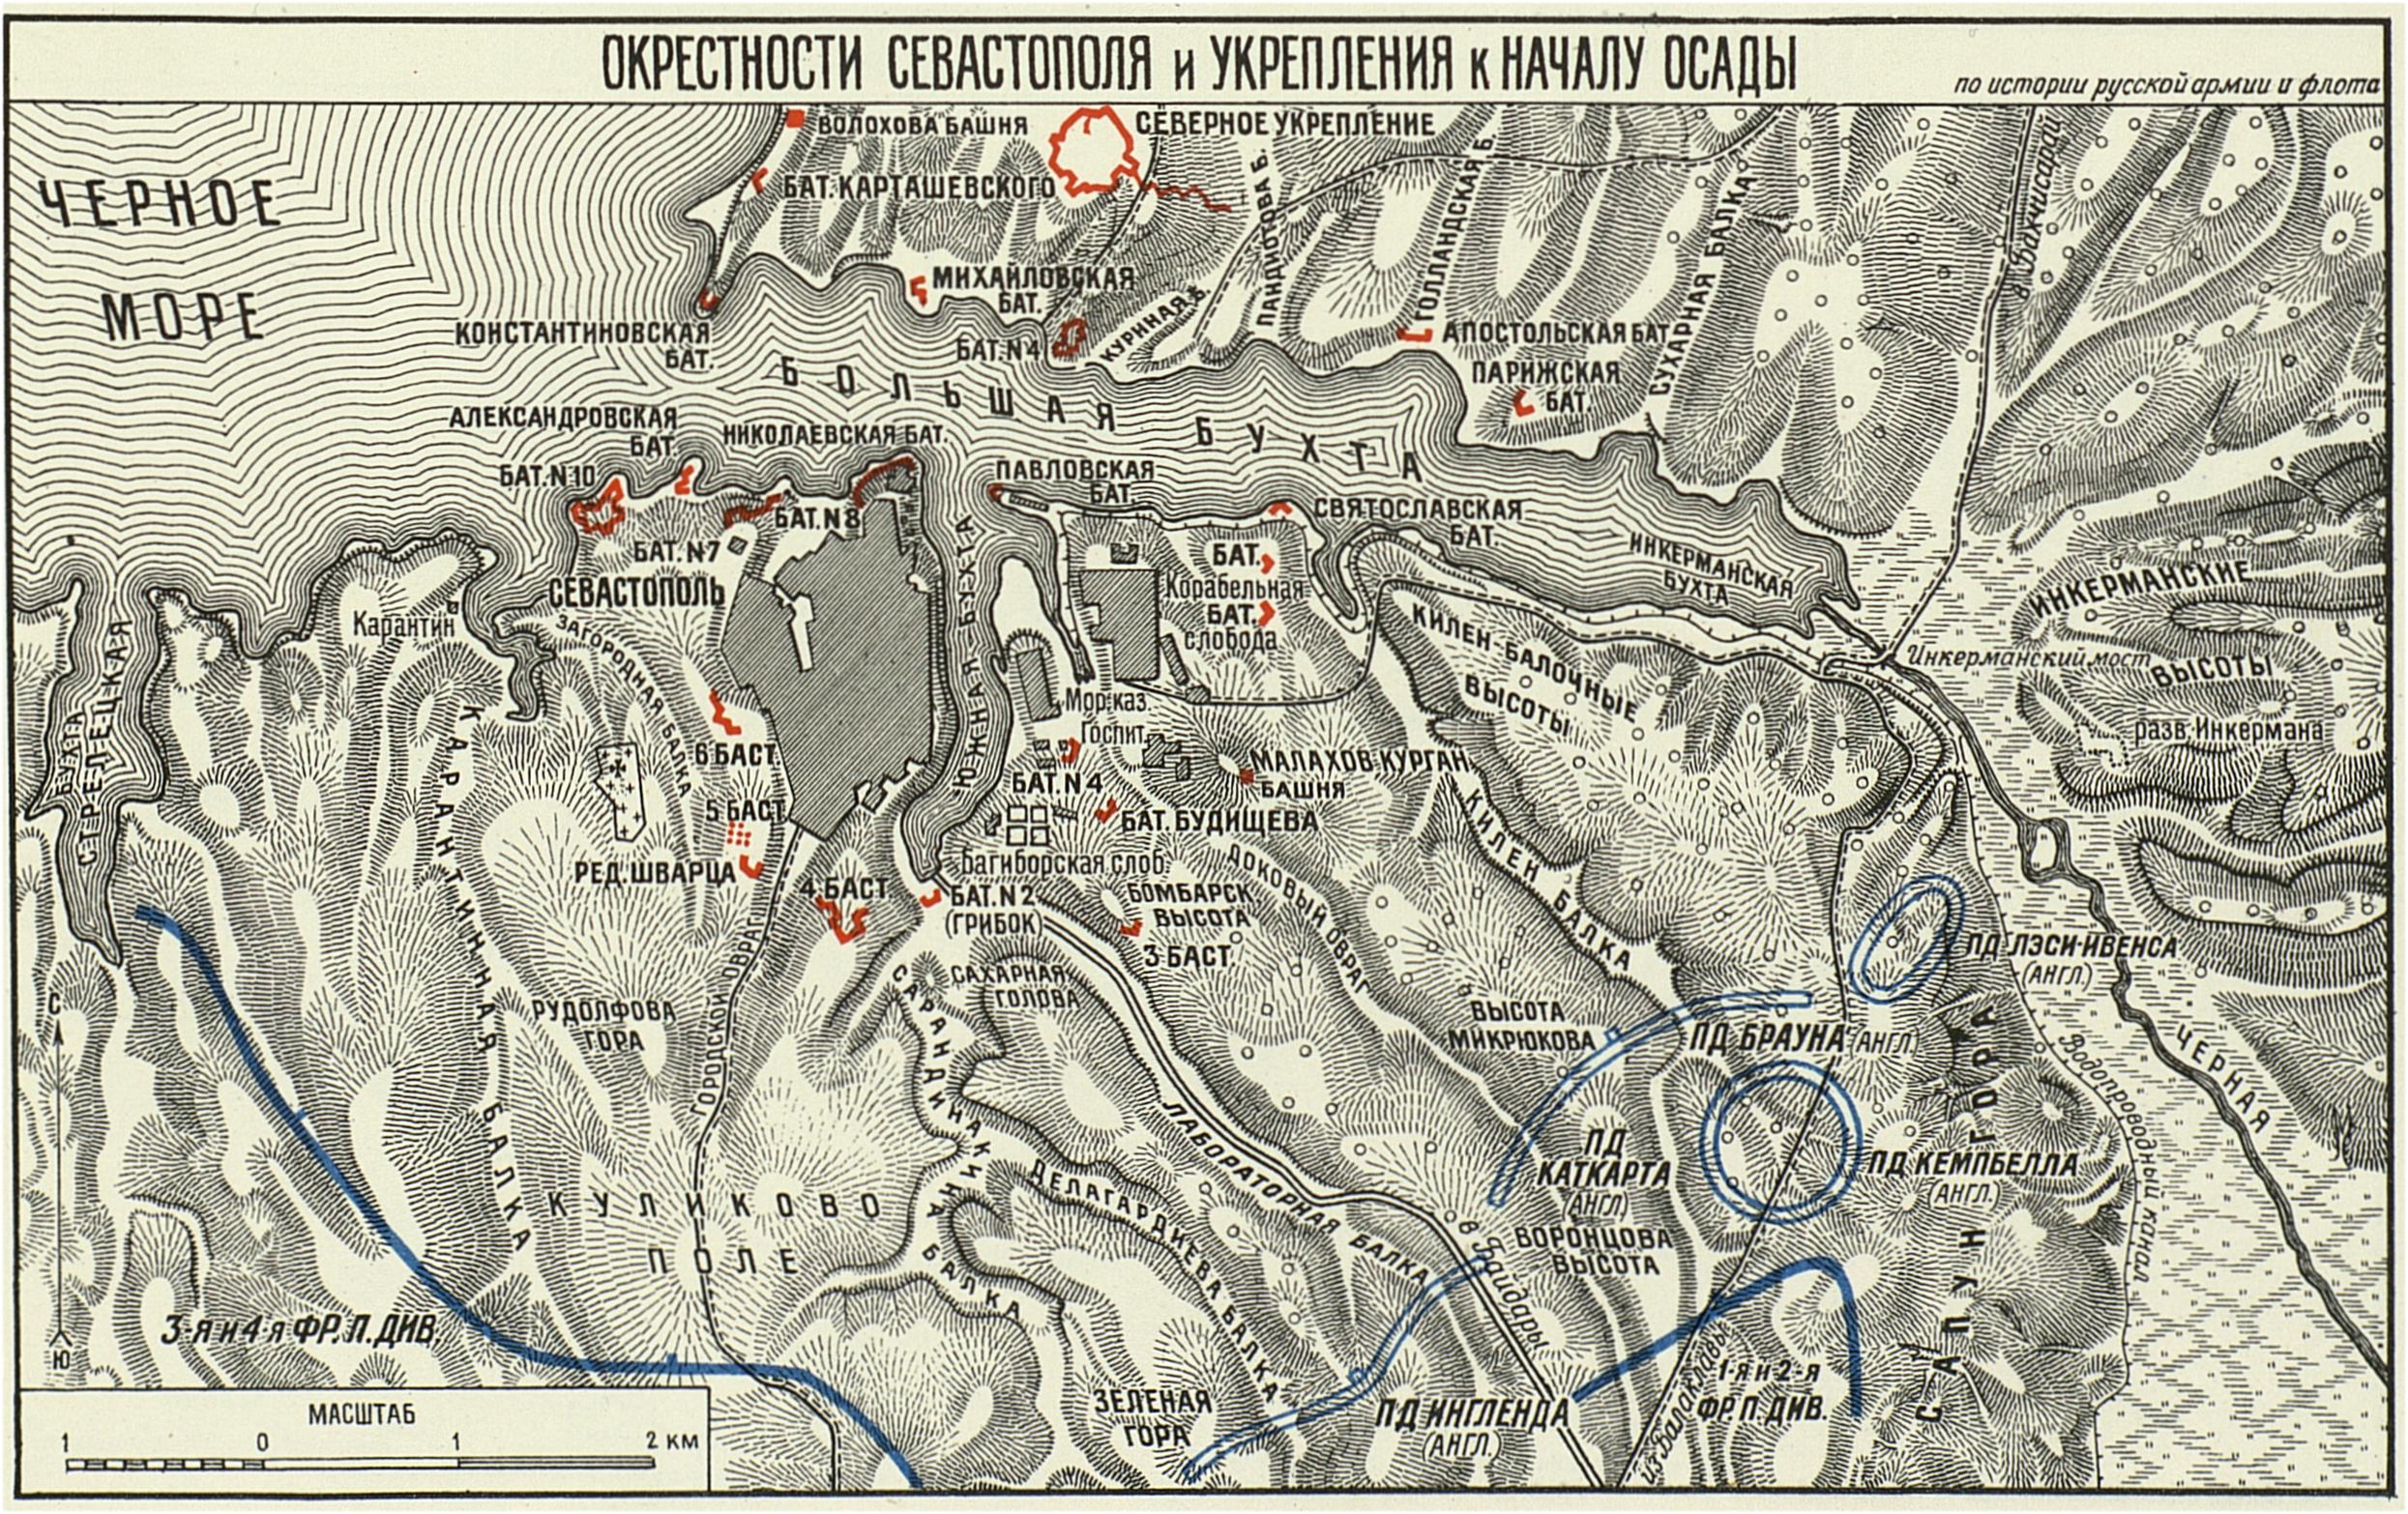 Карта укреплений севастополя в крымской войне